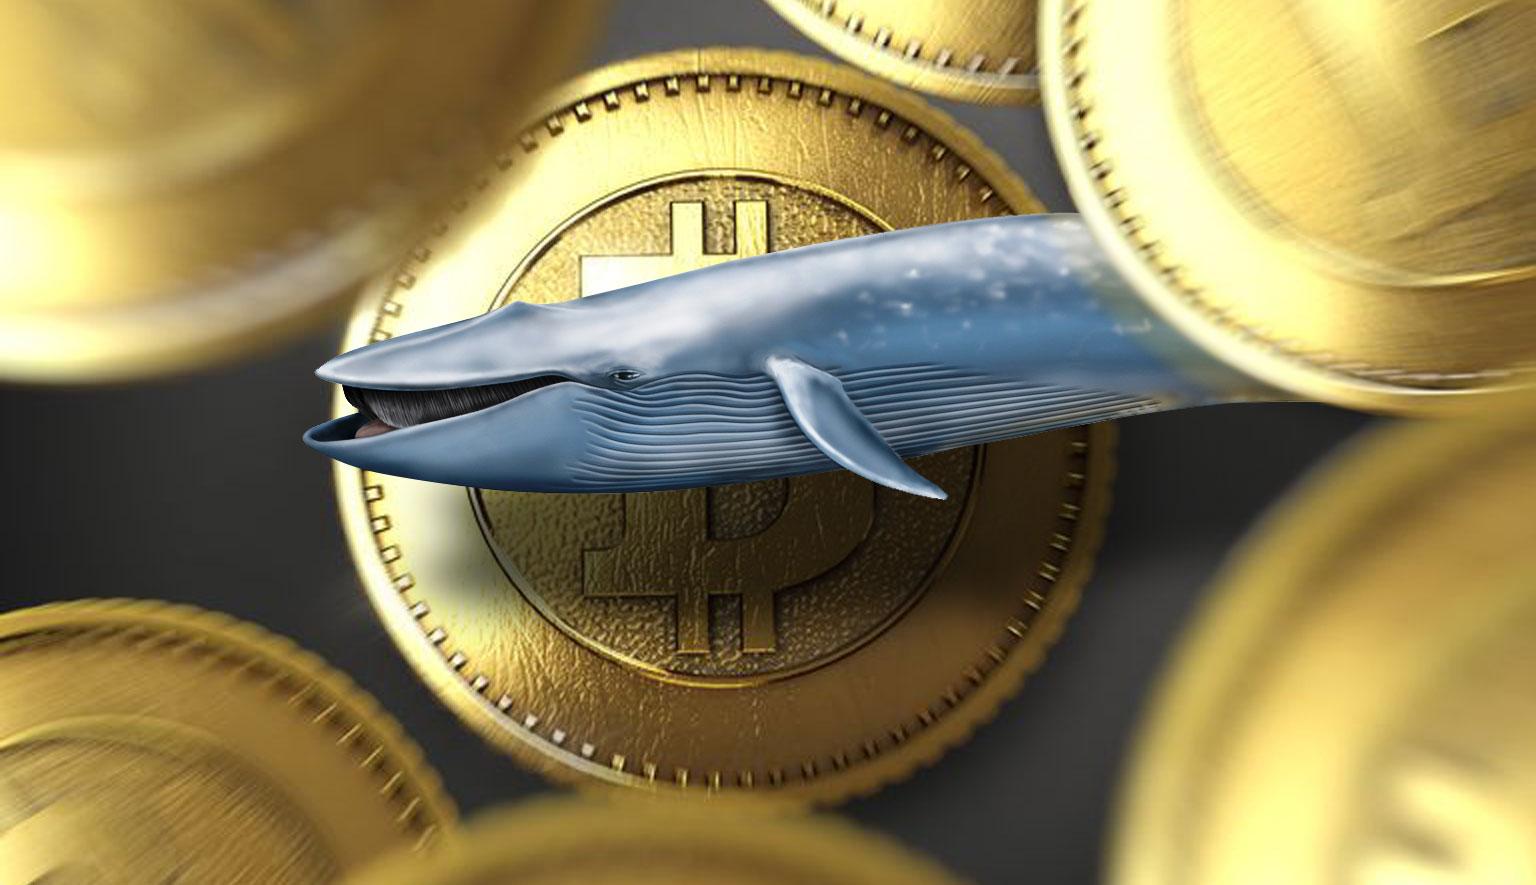 Канадский стартап вложил 40% финансовых резервов в биткоин